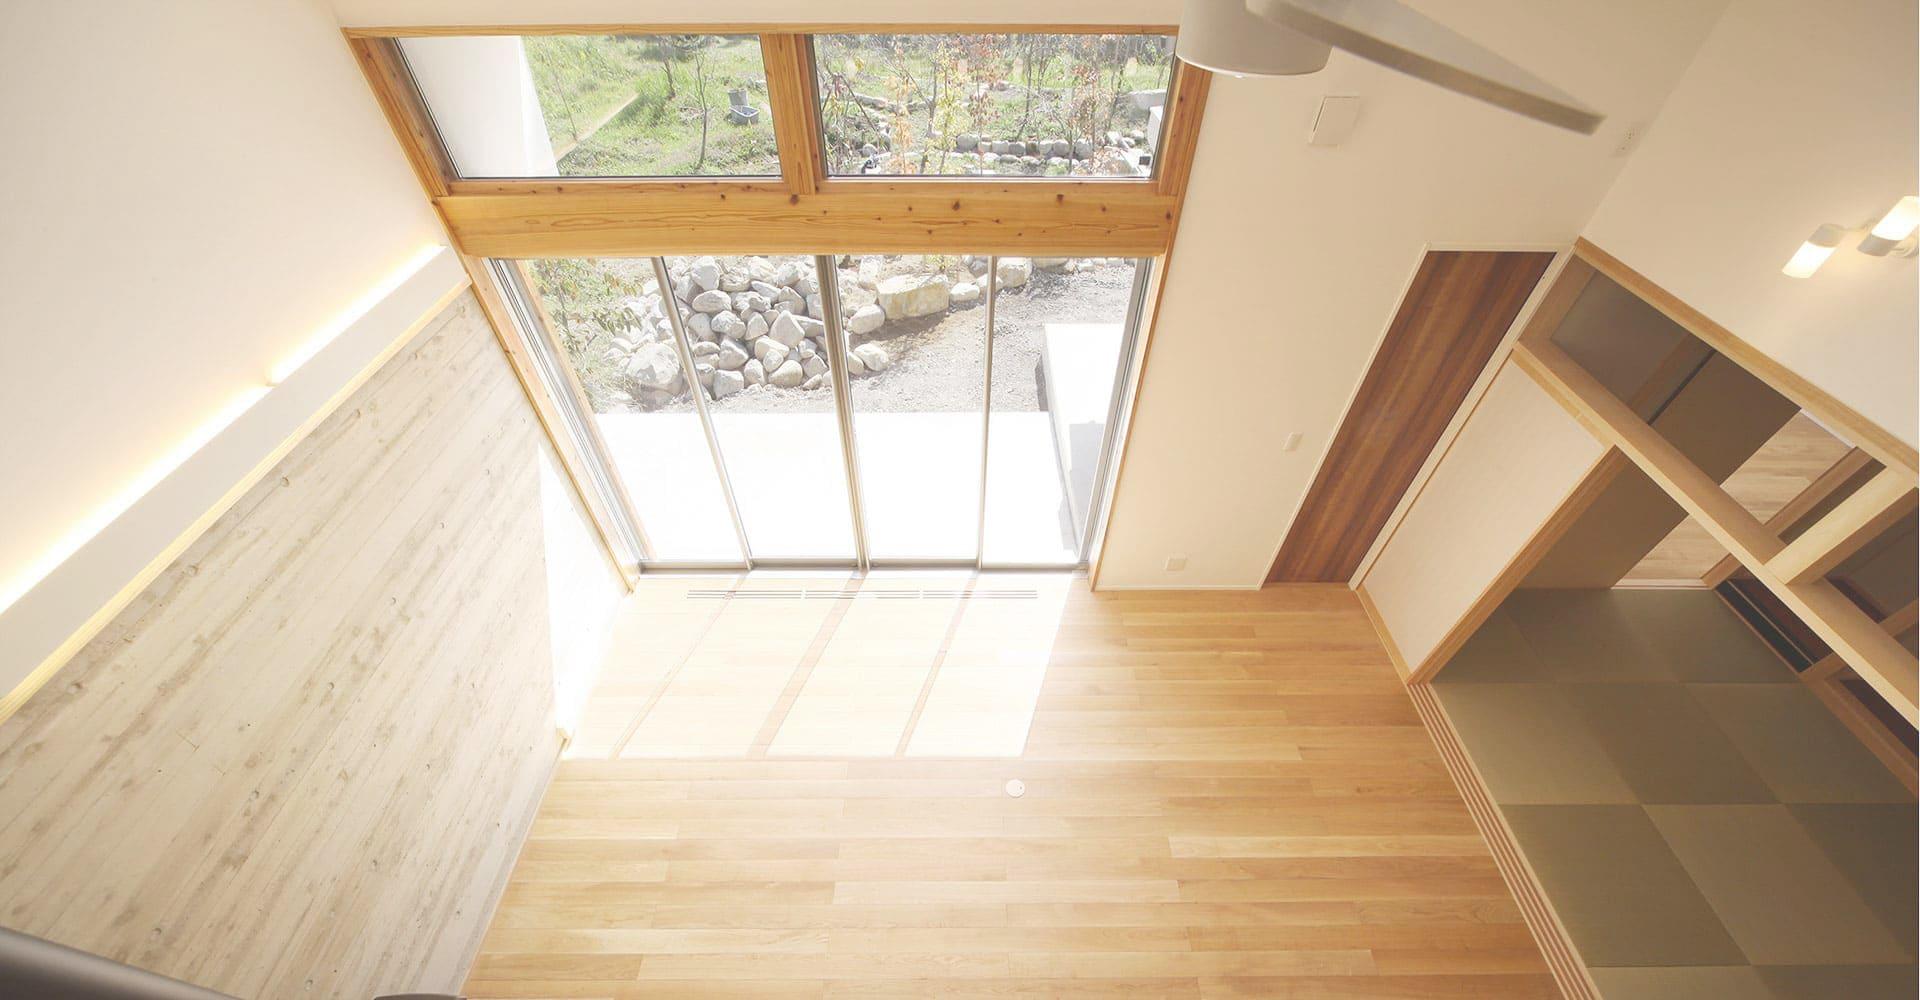 パッシブデザインと全館空調の組み合わせで快適な空間